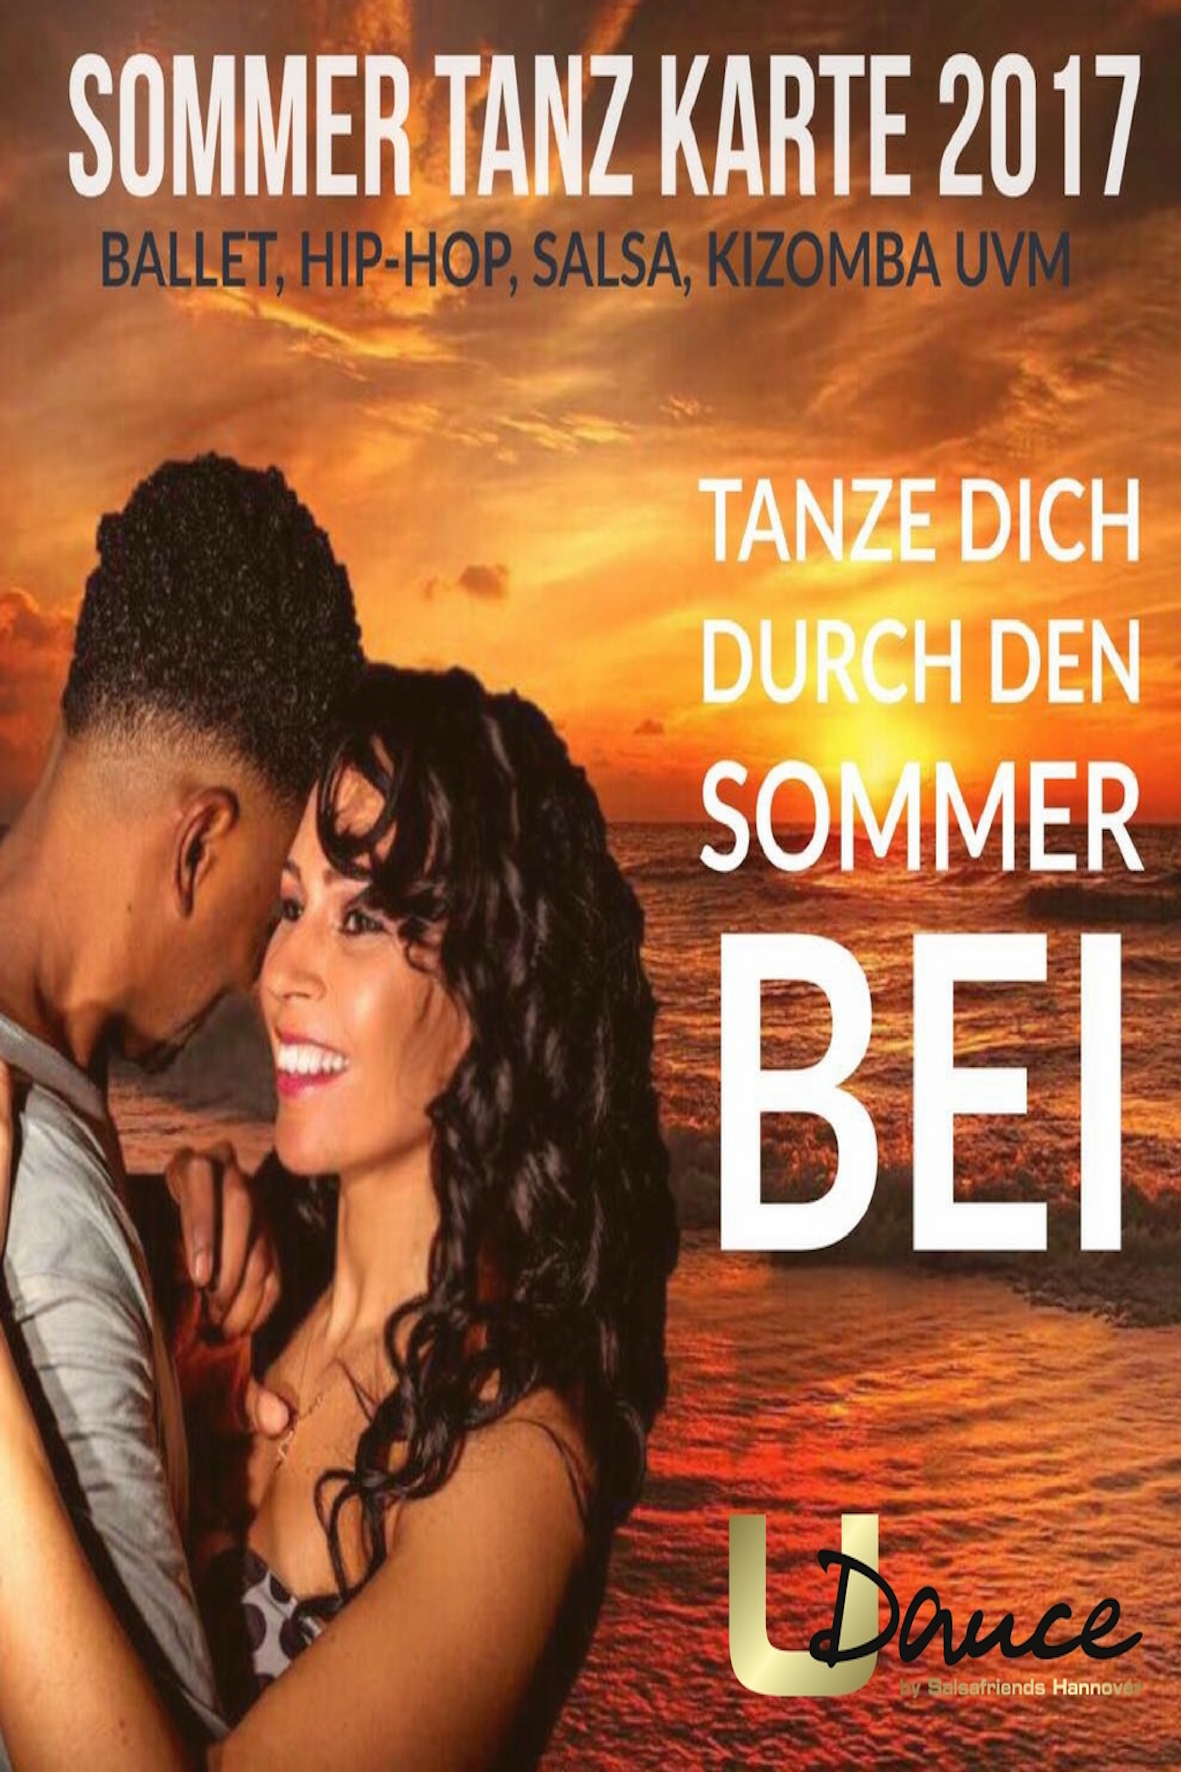 SOMMER-TANZ-KARTE in Hannover